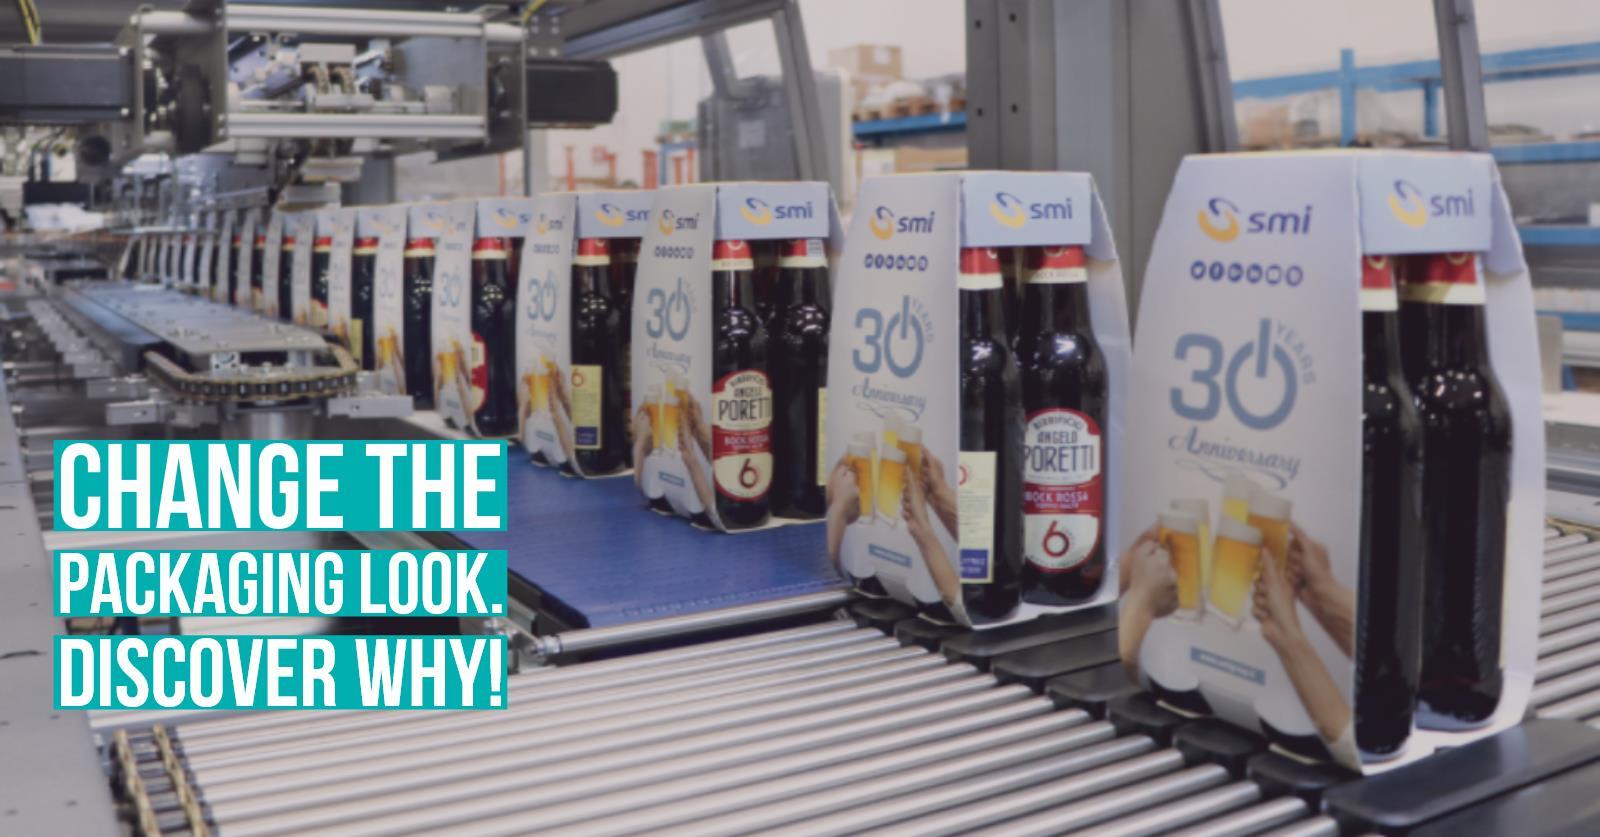 Cambia look al tuo packaging. Scopri perchè è vantaggioso!